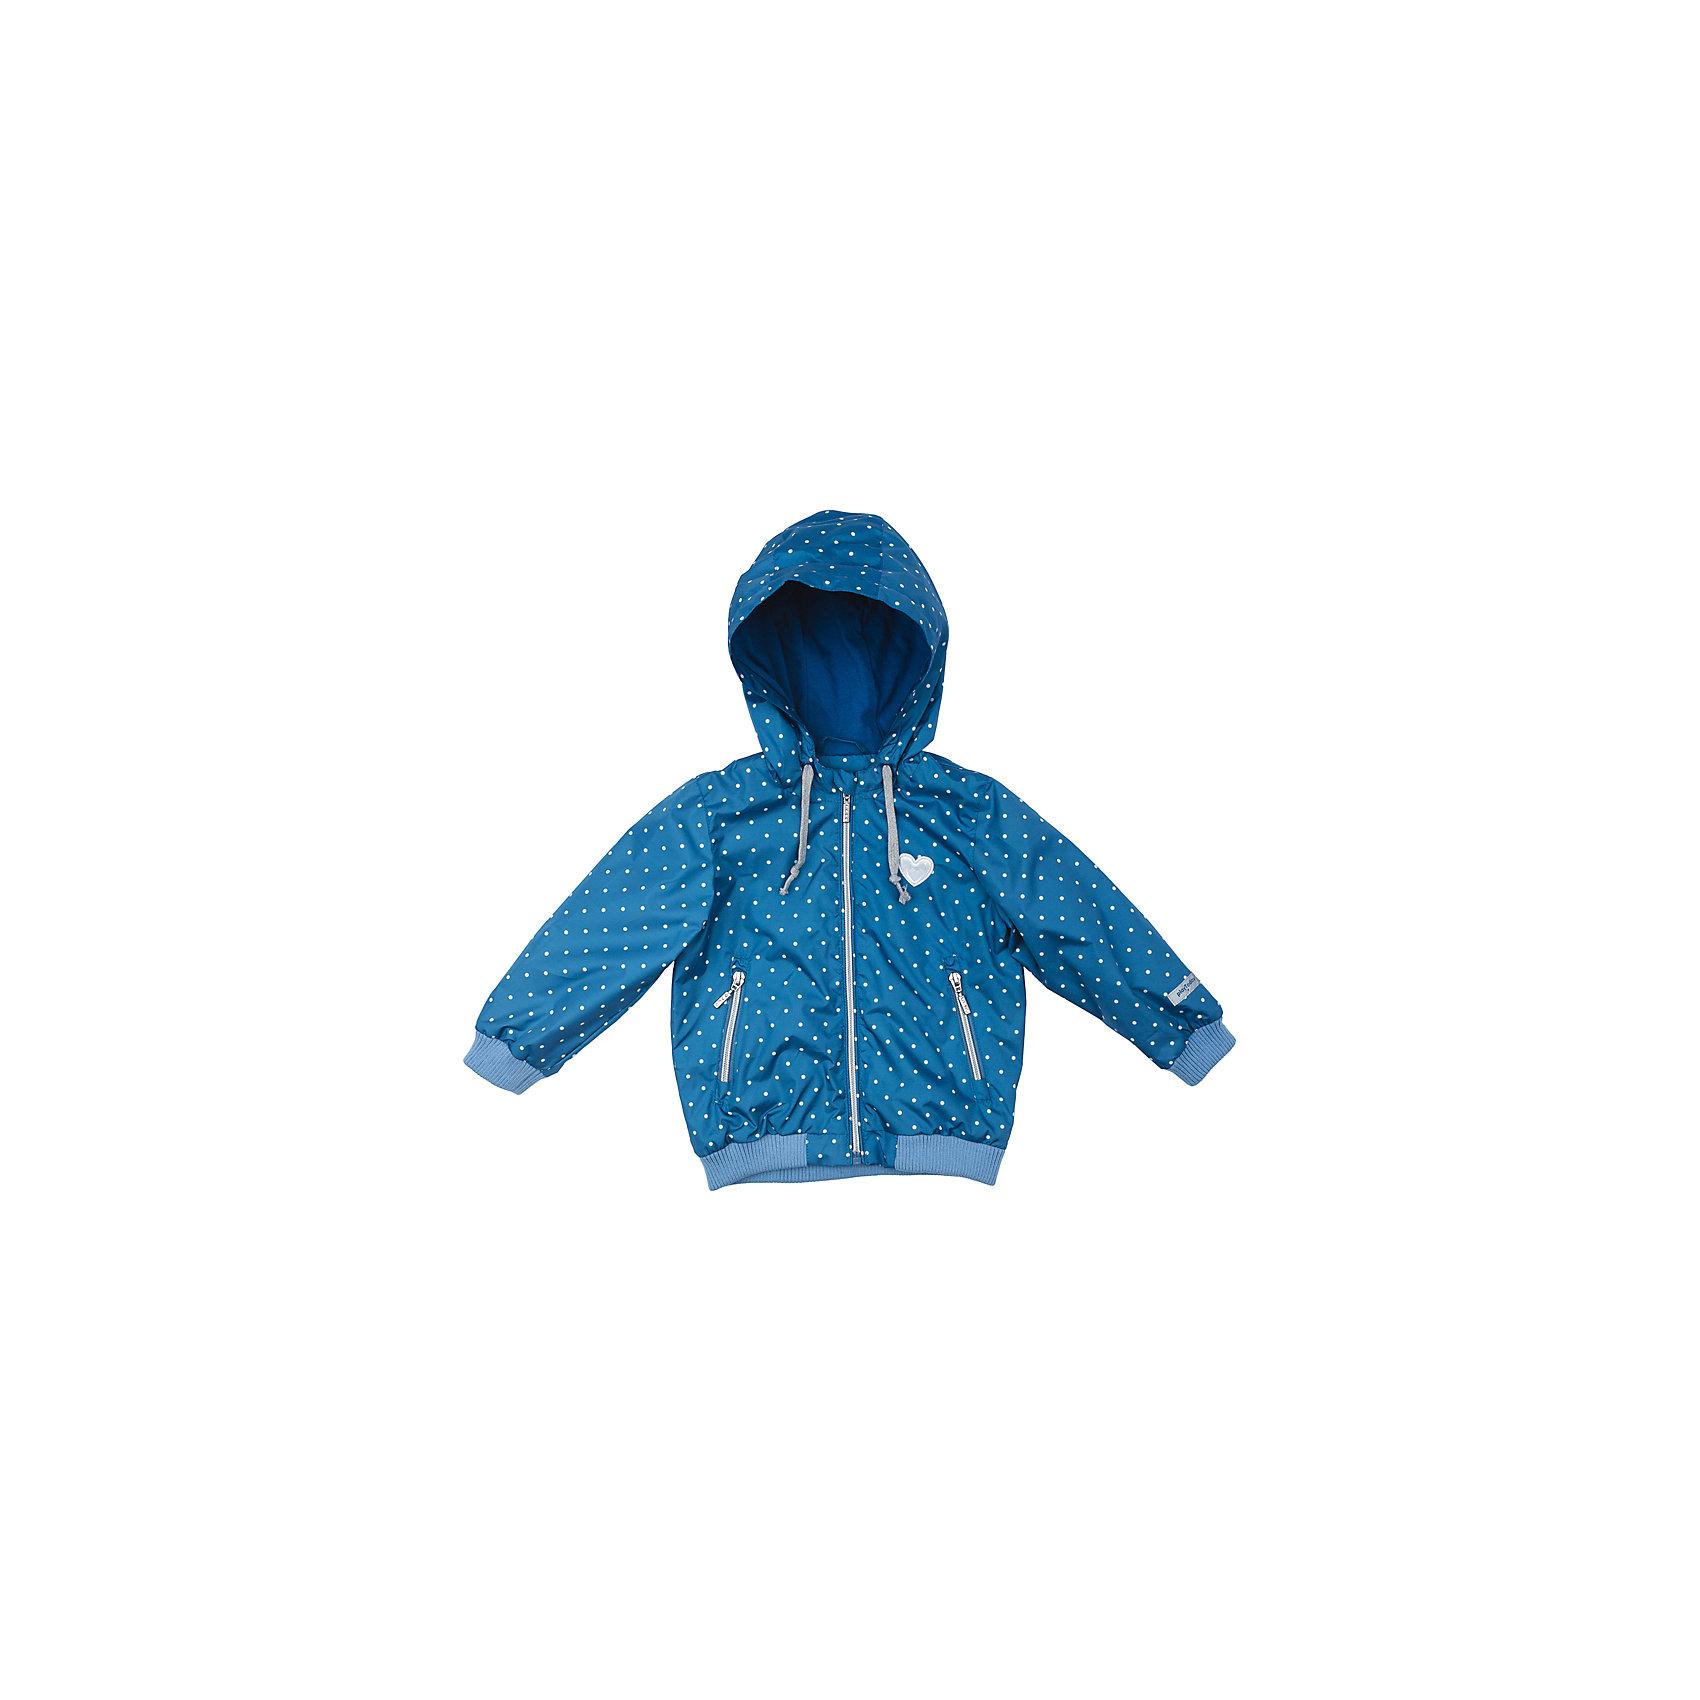 Куртка для девочки PlayTodayВерхняя одежда<br>Куртка для девочки PlayToday<br>Куртка со специальной водоотталкивающей пропиткой защитит Вашего ребенка в любую погоду! Специальный карман для фиксации застежки - молнии не позволит застежке травмировать нежную кожу ребенка. Мягкие резинки на рукавах и по низу изделия защитят Вашего ребенка - ветер не сможет проникнуть под куртку. Модель с резинкой на капюшоне - даже во время активных игр капюшон не упадет с головы ребенка. Модель на подкладке из натурального материала. Подойдет даже для самых активных детей - подкладка хорошо впитывает влагу. Наличие светоотражателей обеспечит безопасность Вашего ребенка - он будет виден в темное время суток.Преимущества: Защита подбородка. Специальный карман для фиксации застежки - молнии не позволит застежке травмировать нежную кожу ребенкаНатуральная ткань подкладки хорошо впитывает влагу, приятна к телу и не вызывает раздраженийСветоотражатели на рукаве и по низу изделия.<br>Состав:<br>Верх: 100% полиэстер, подкладка: 80% хлопок, 20% полиэстер<br><br>Ширина мм: 356<br>Глубина мм: 10<br>Высота мм: 245<br>Вес г: 519<br>Цвет: белый<br>Возраст от месяцев: 6<br>Возраст до месяцев: 9<br>Пол: Женский<br>Возраст: Детский<br>Размер: 74,92,86,80<br>SKU: 5408233